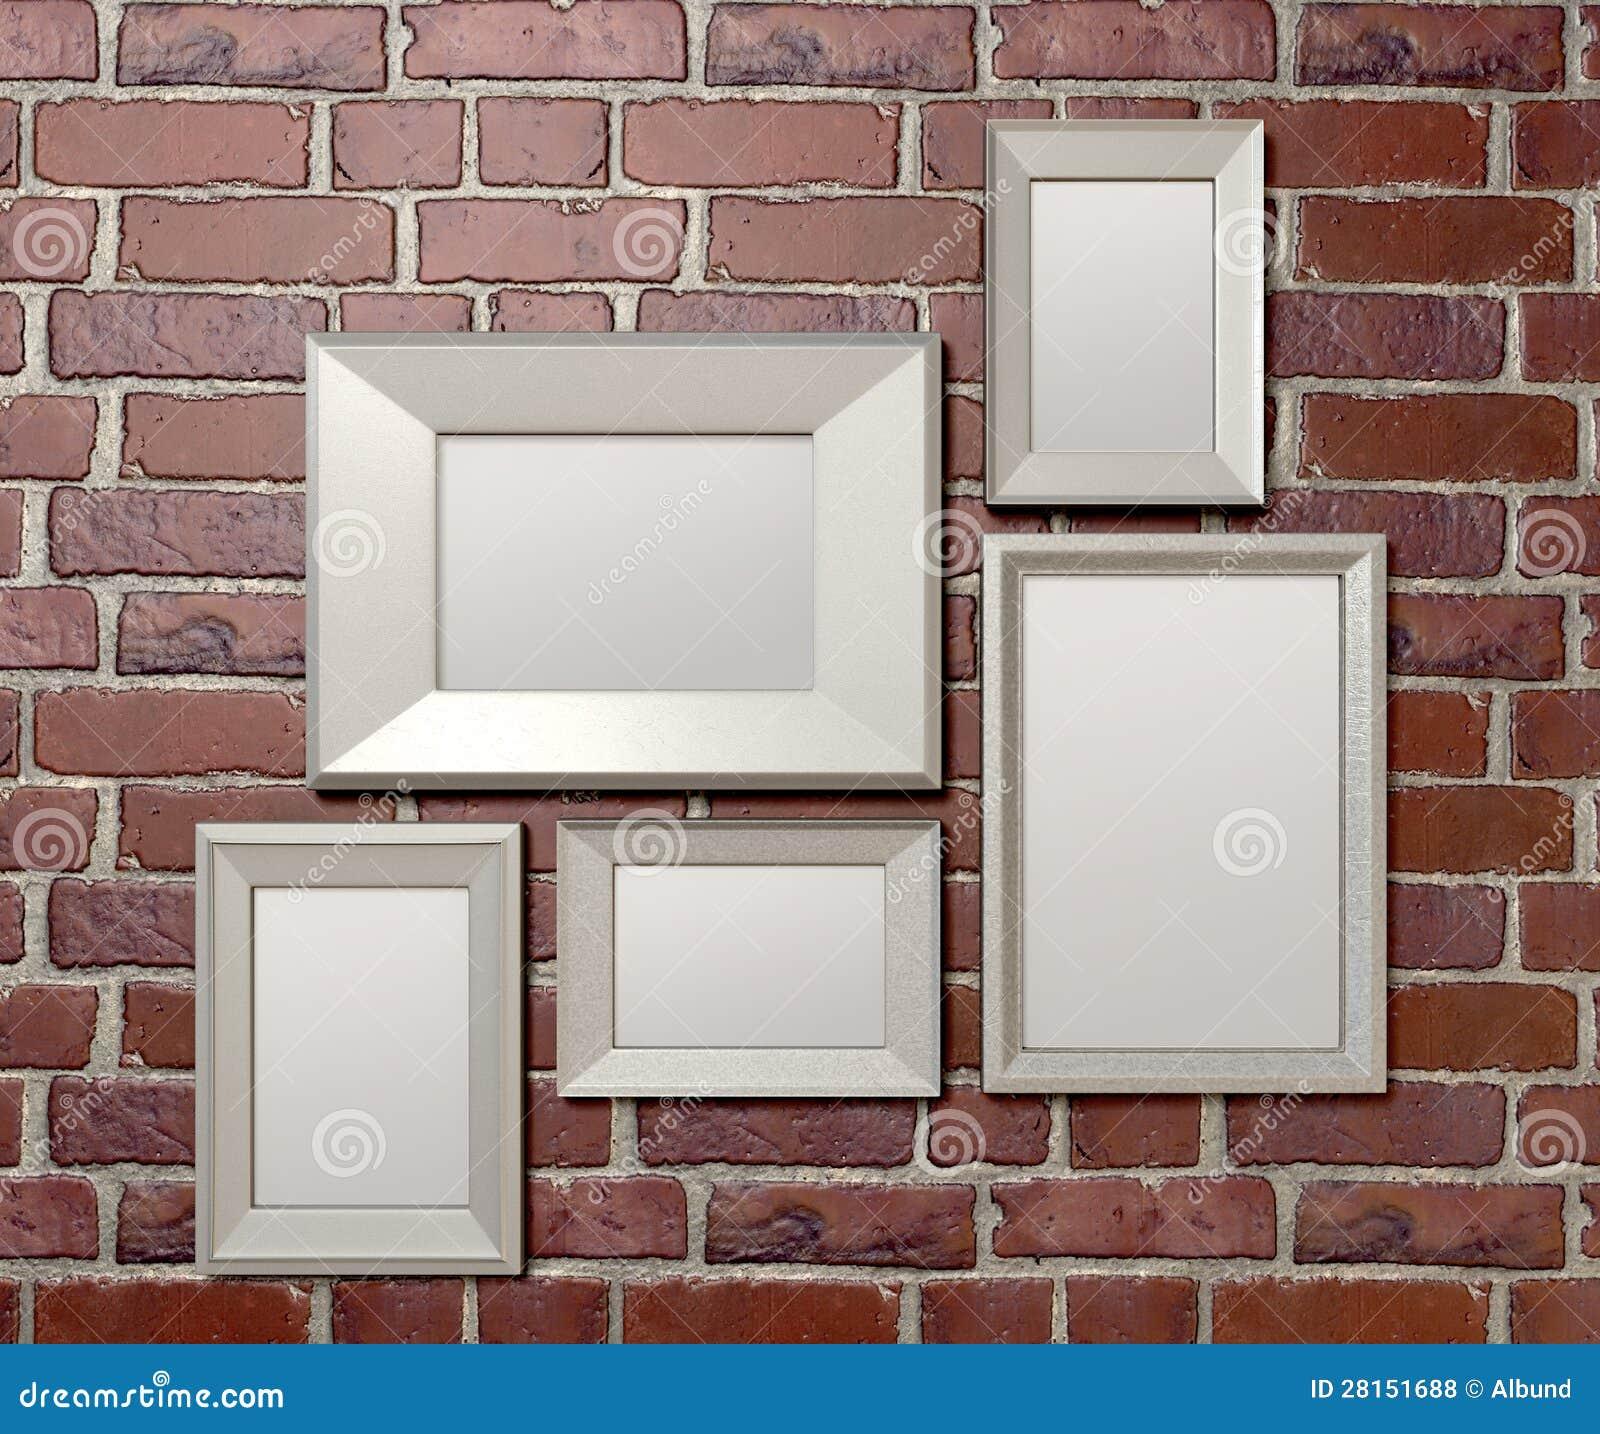 leere bilderrahmen auf einer wand front lizenzfreie stockfotos bild 28151688. Black Bedroom Furniture Sets. Home Design Ideas